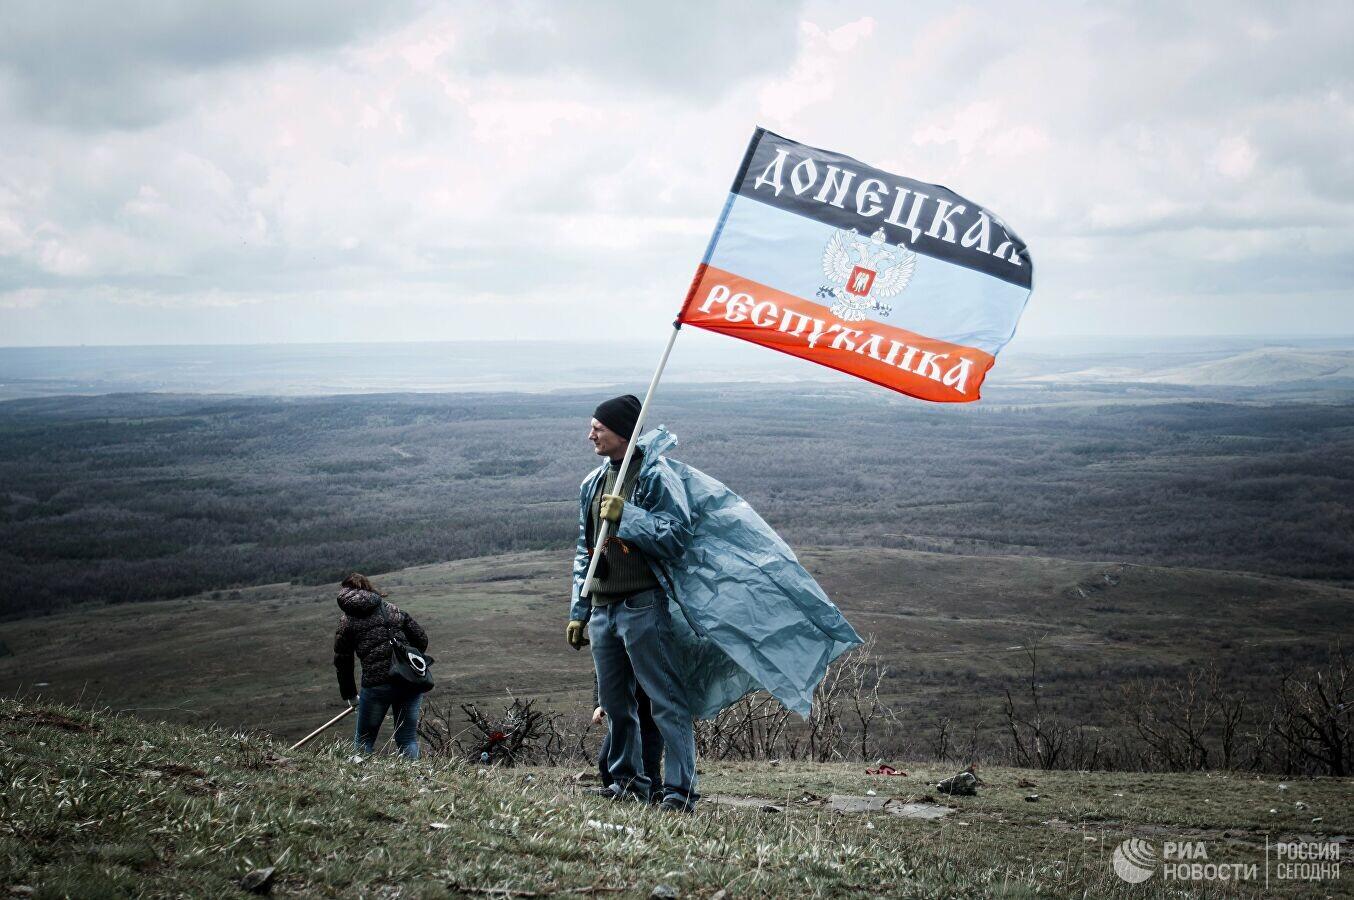 أطراف النزاع في شرق أوكرانيا توقع على